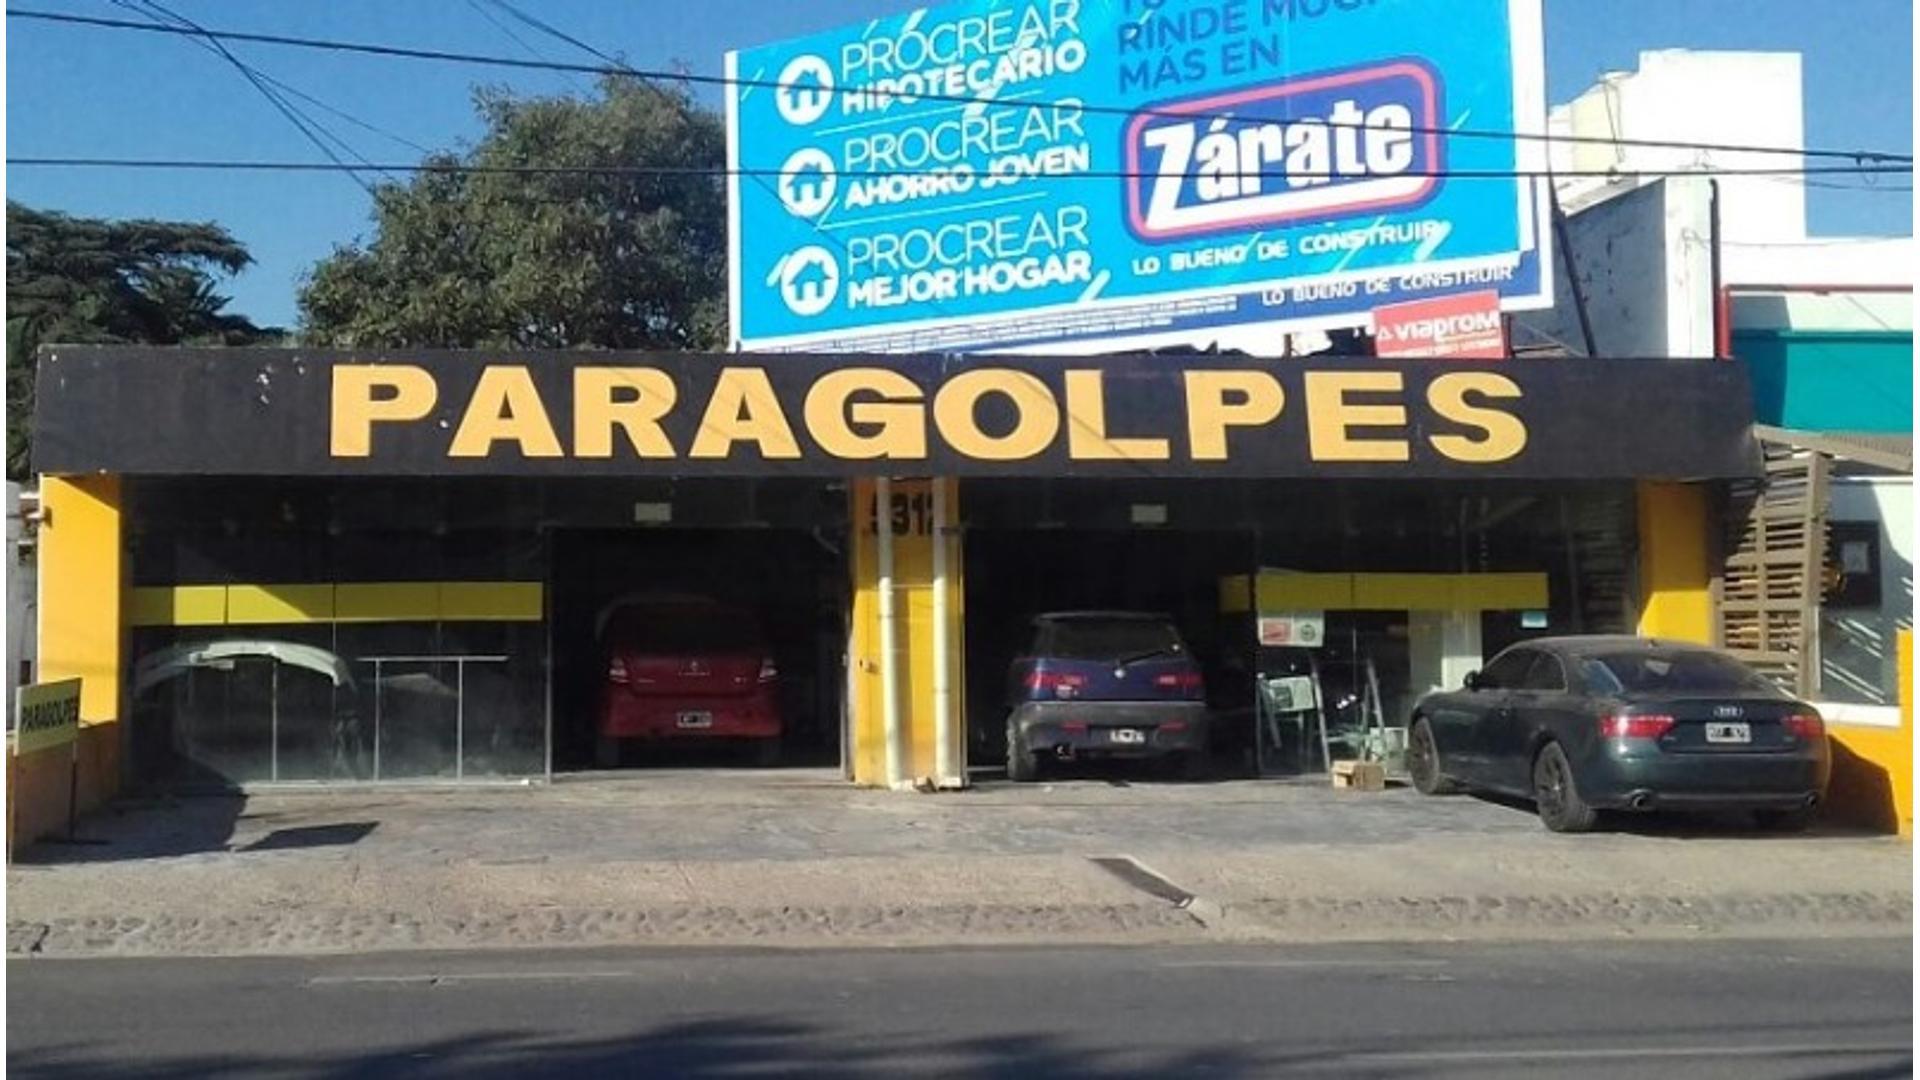 V. Belgrano, Recta Martinolli 2300 - U$D 336.000 - Local en Venta